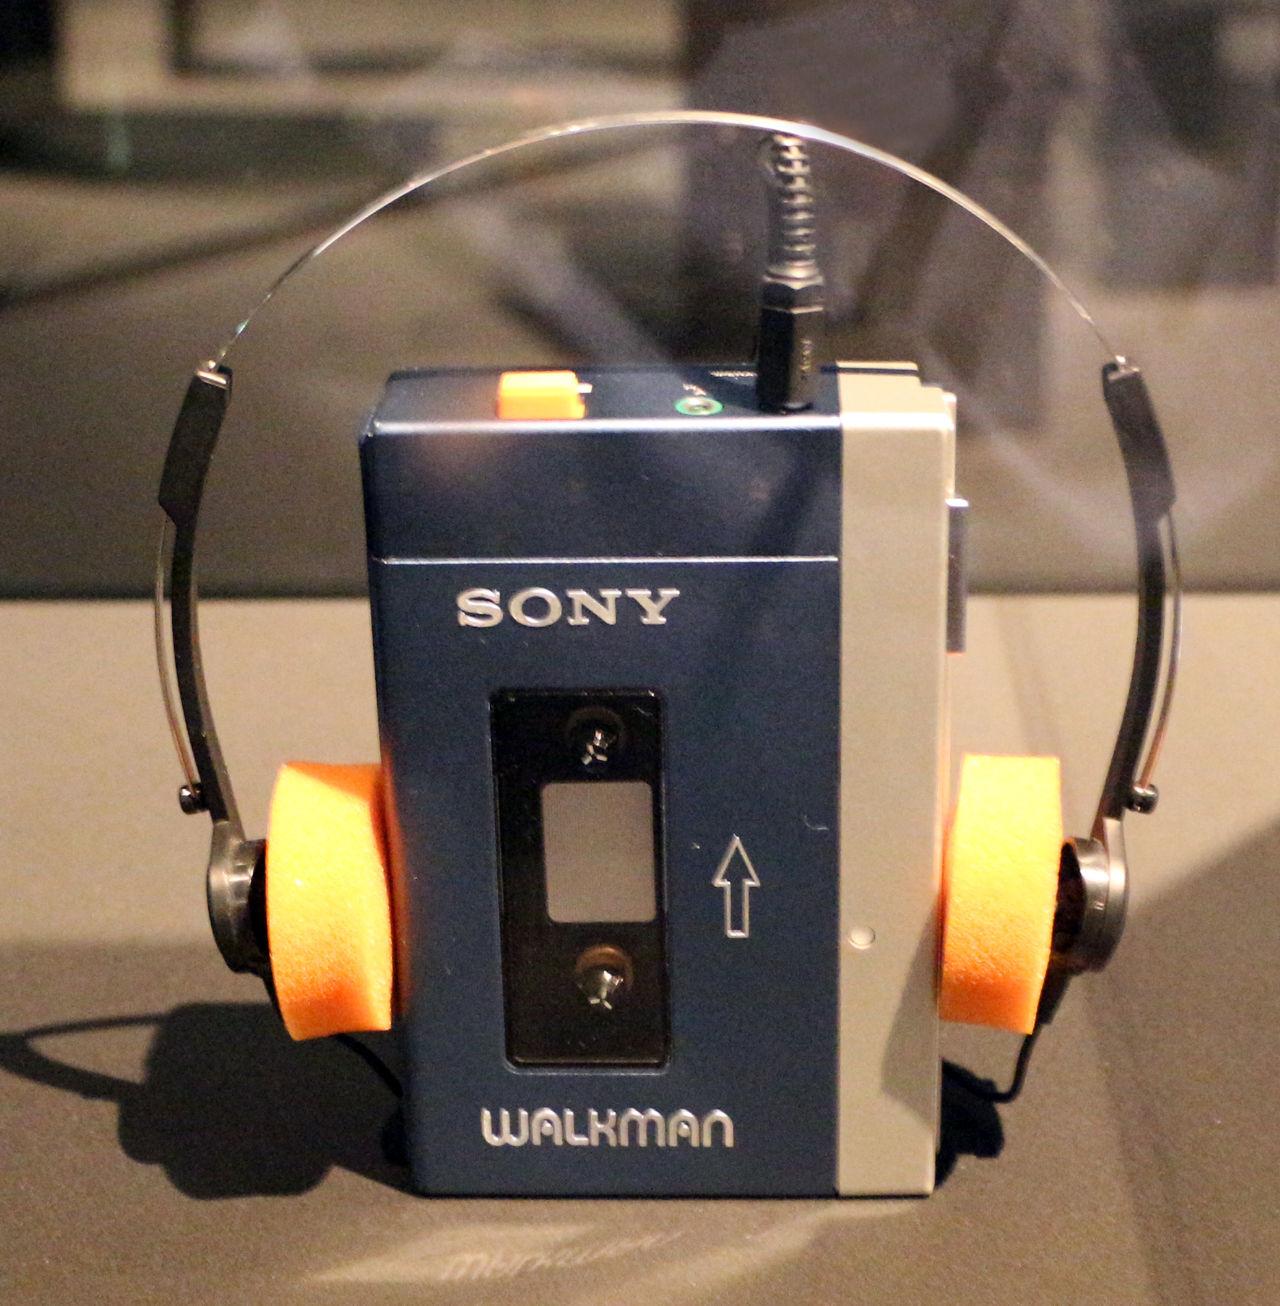 Tut i luren - Sony Walkman 40 år!